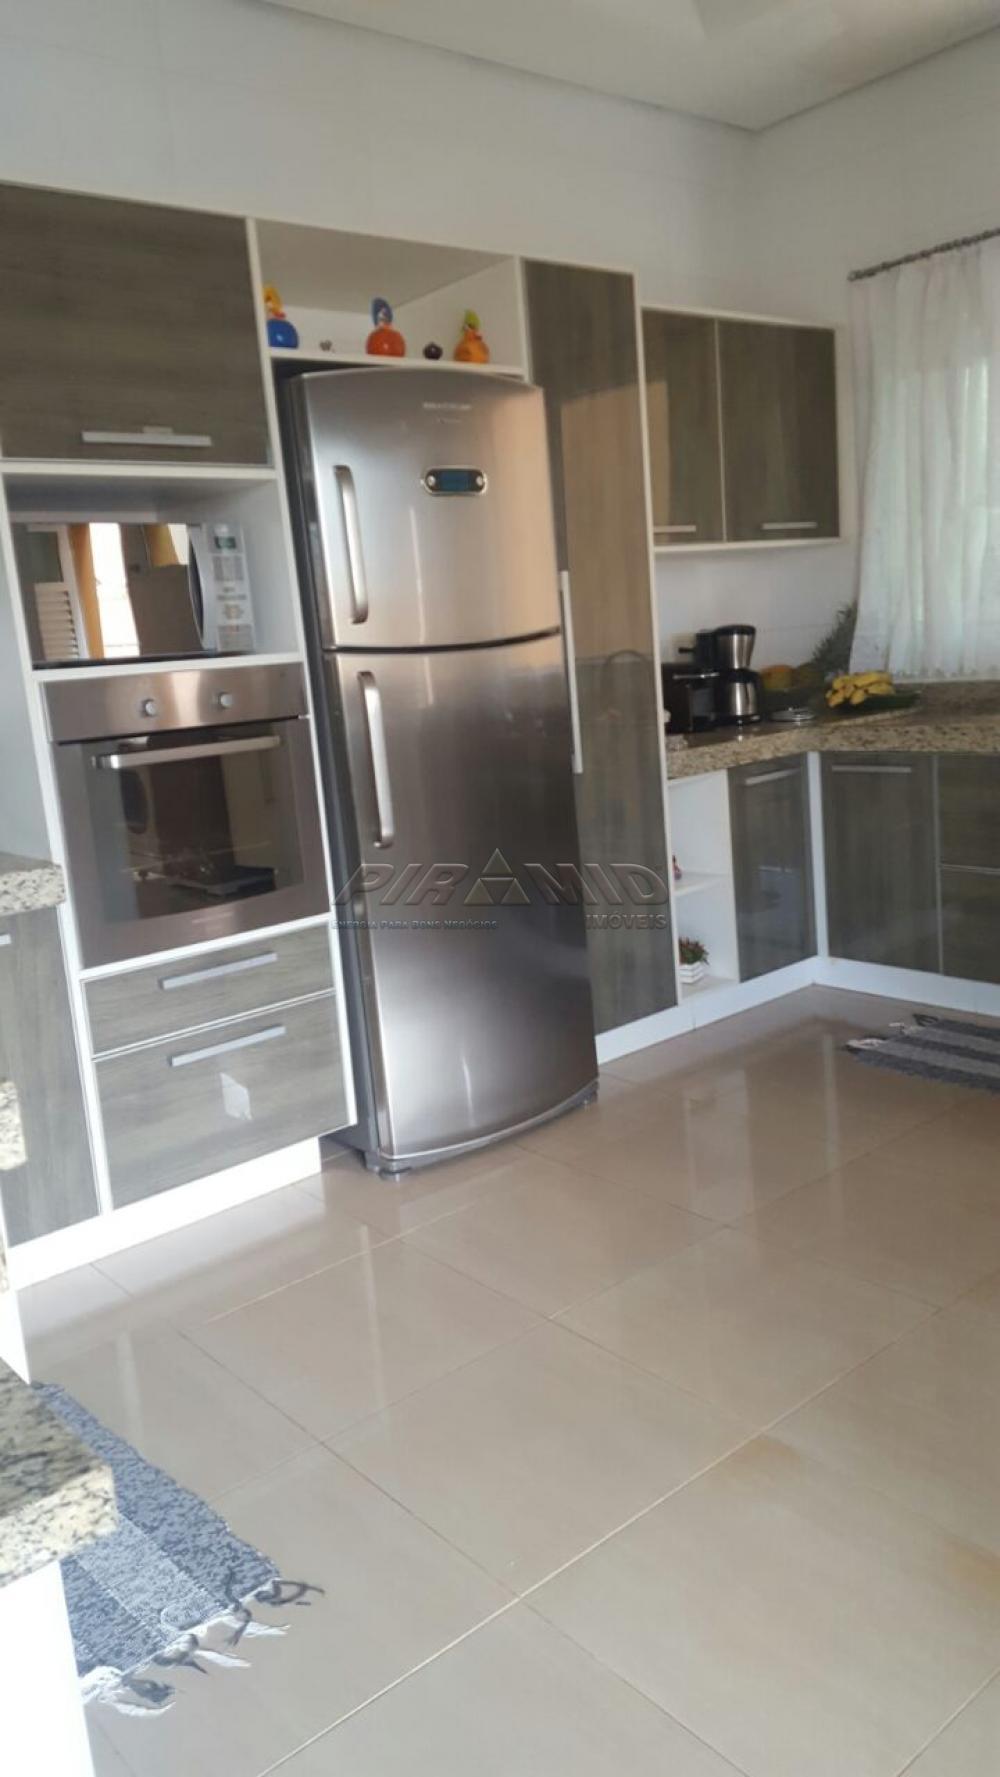 Comprar Casa / Condomínio em Ribeirão Preto apenas R$ 1.500.000,00 - Foto 7